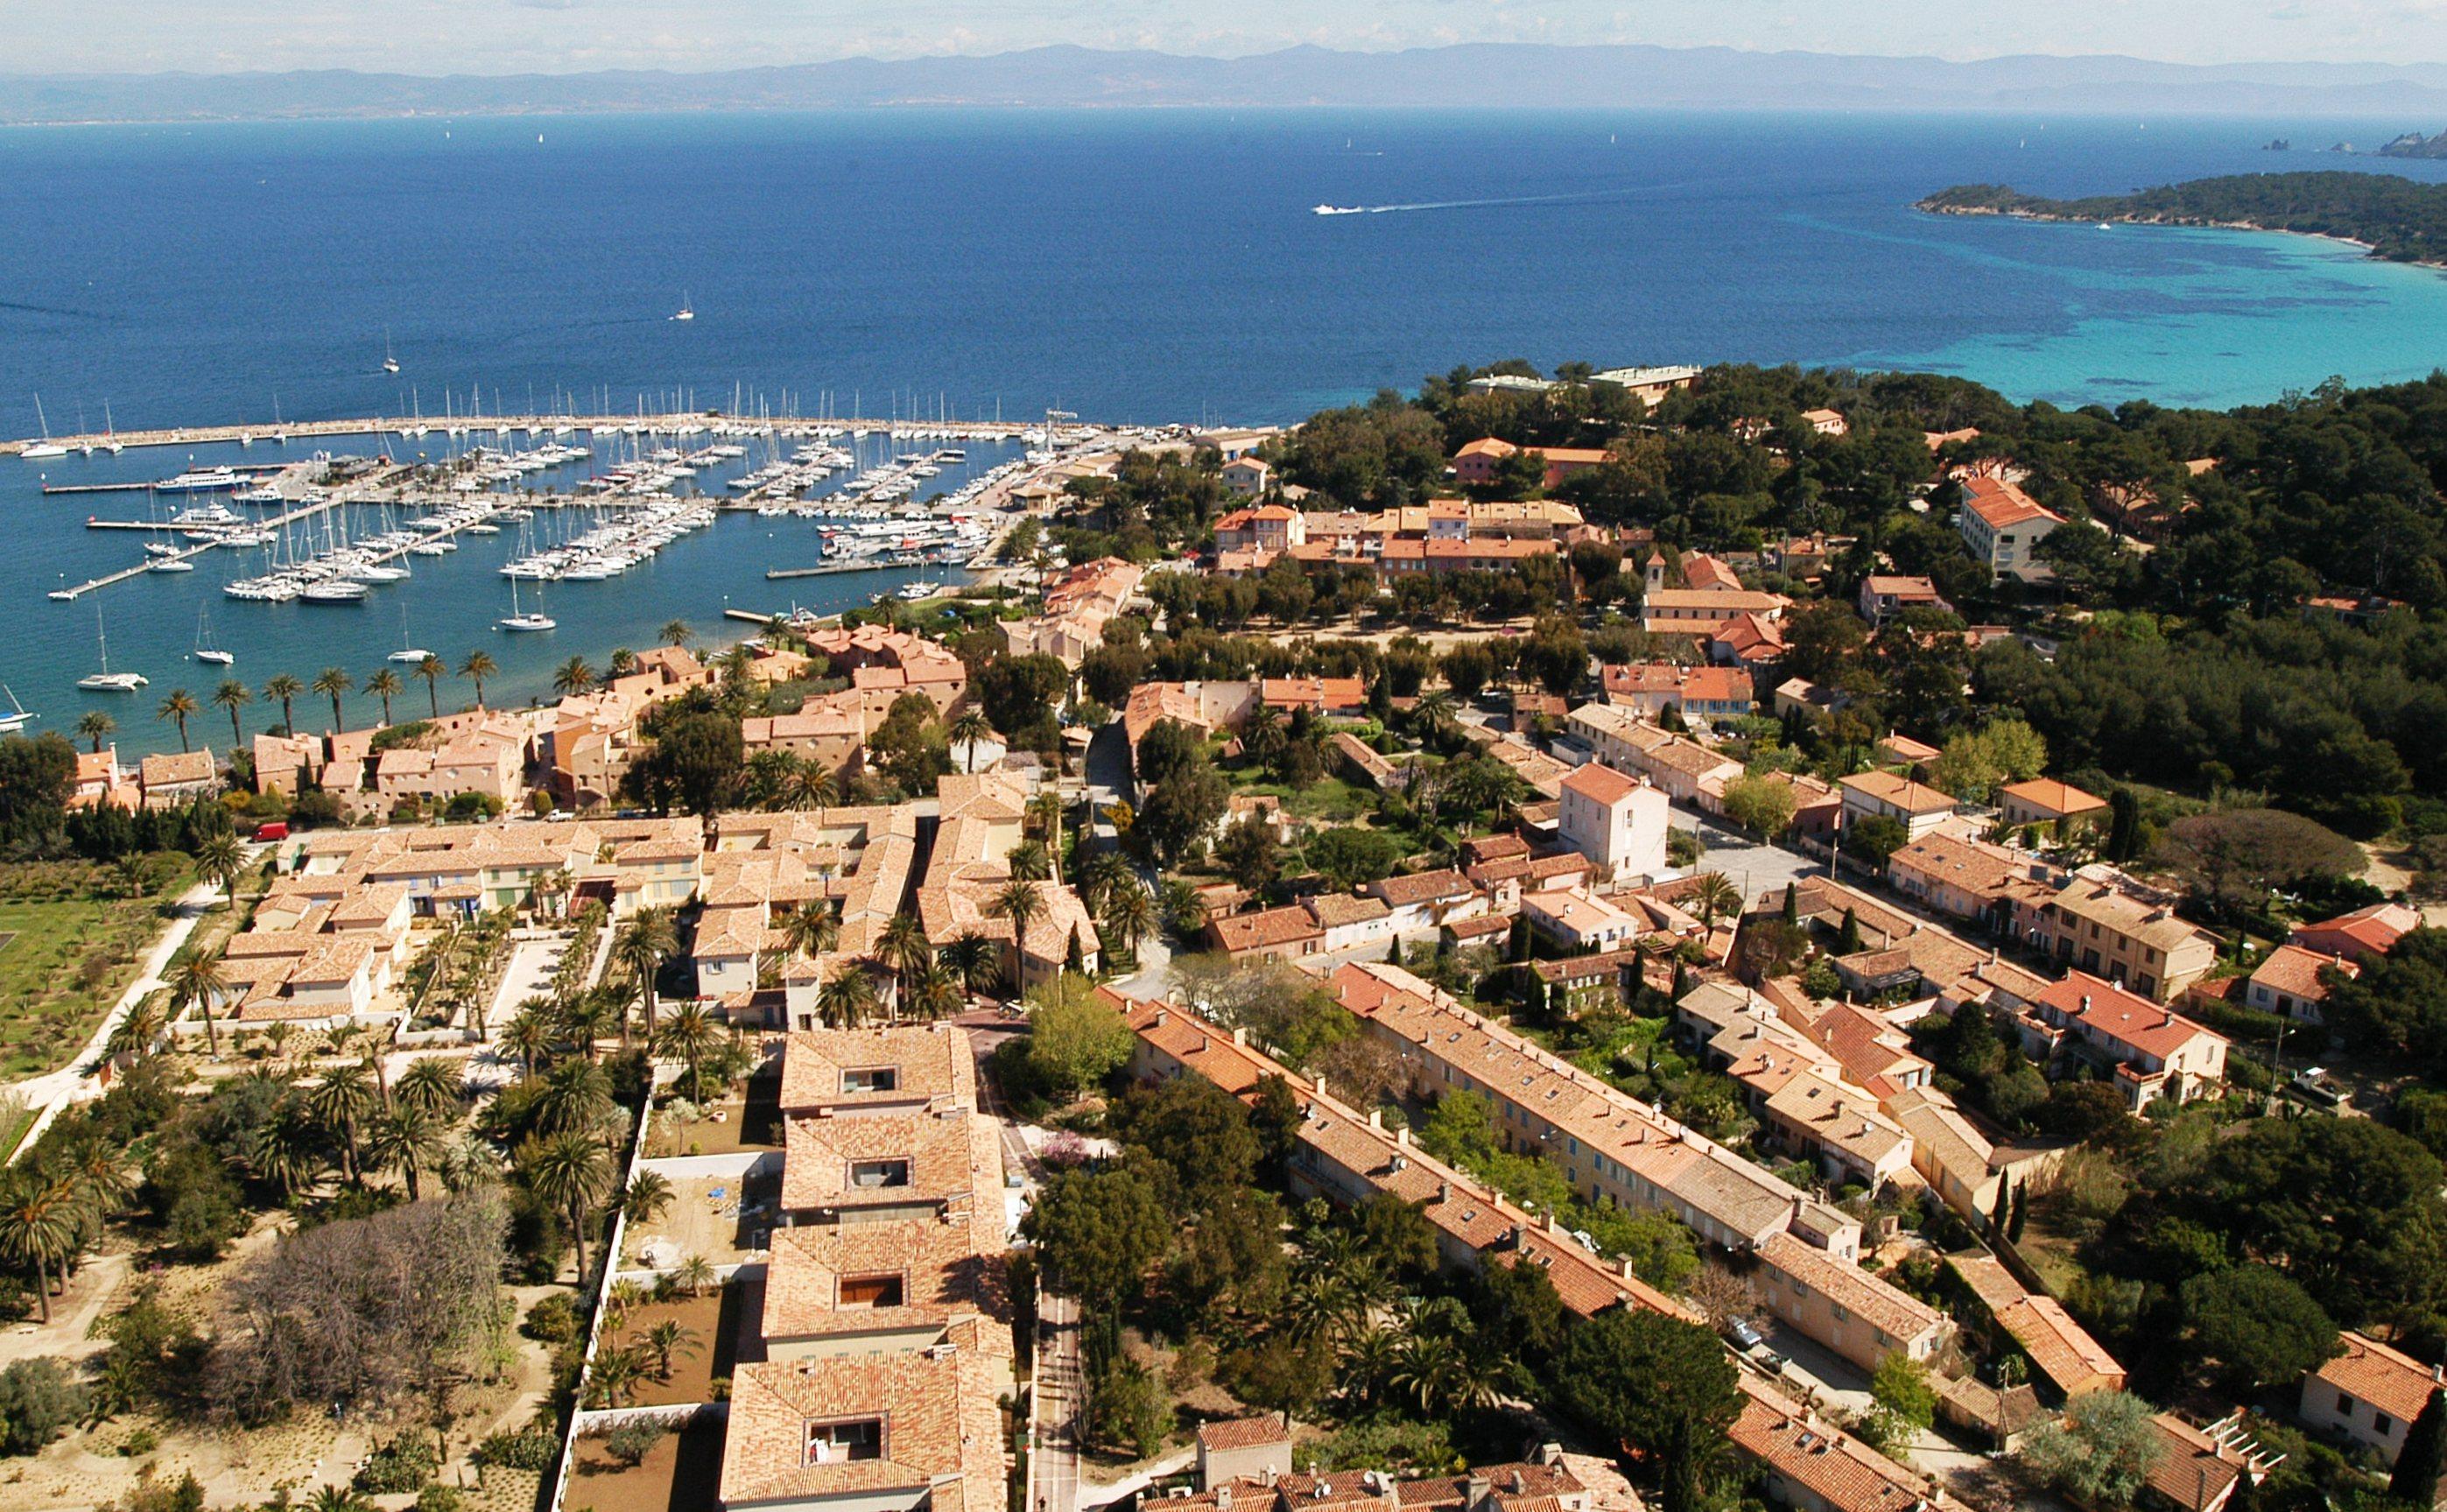 Le port de porquerolles office de tourisme d 39 hy res - Office du tourisme ile de porquerolles ...